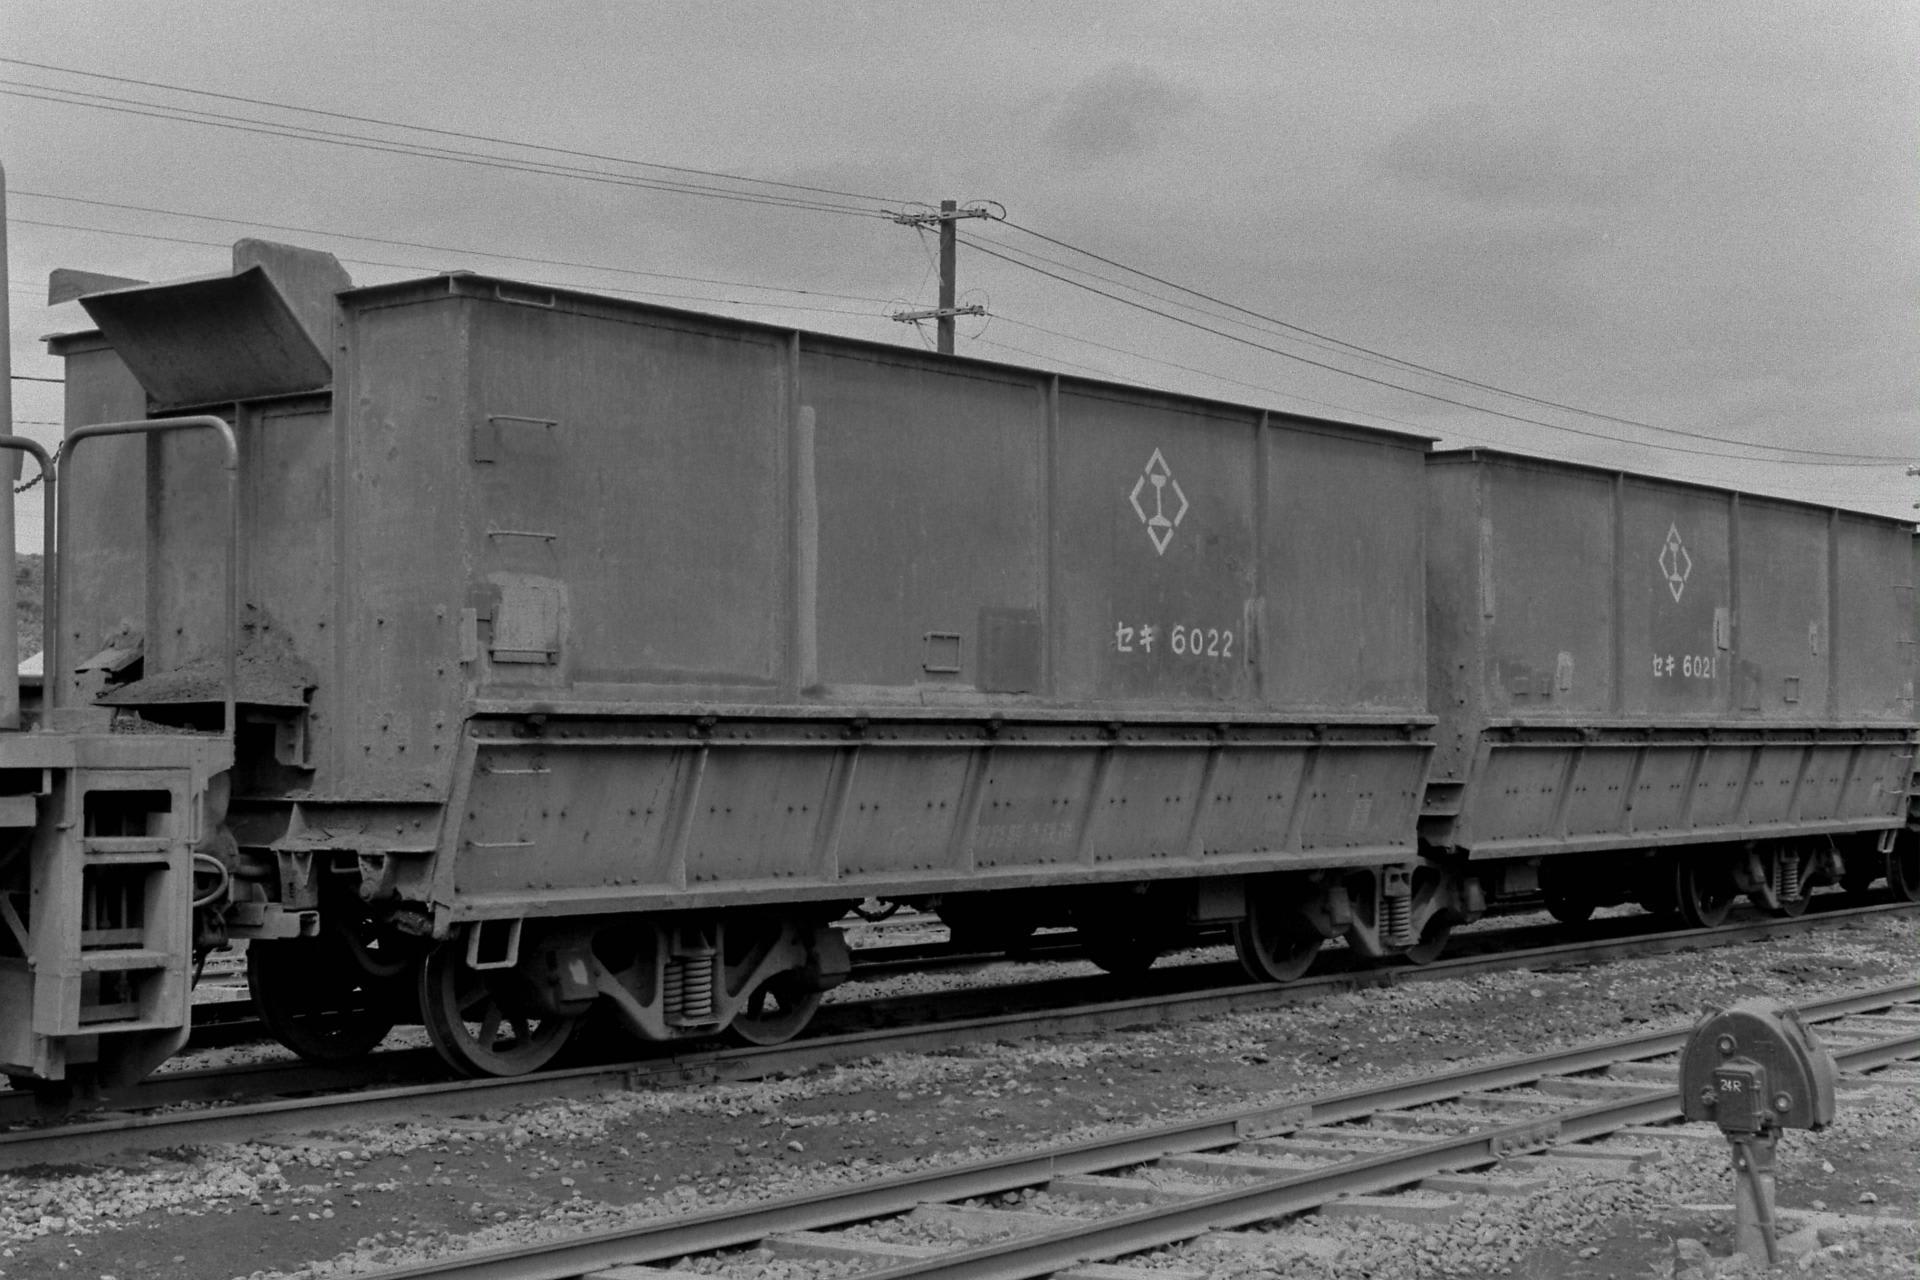 005 釧路臨港鉄道 昭和51年8月 -...